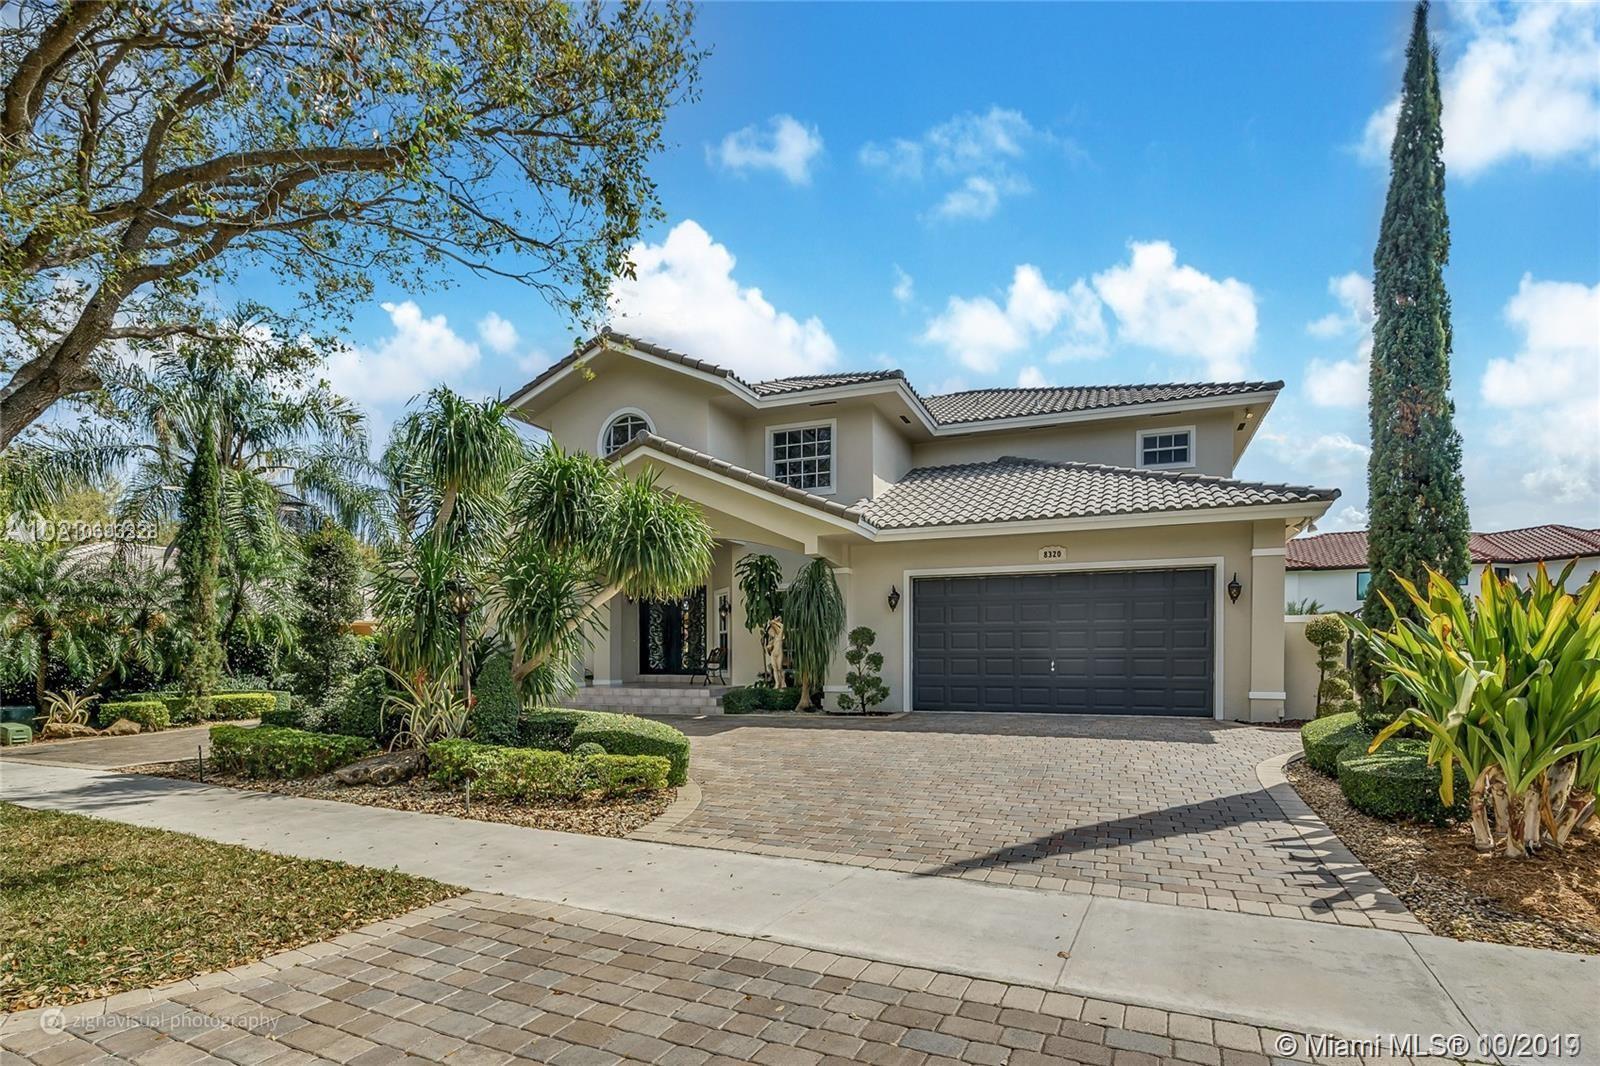 8320 NW 164th St, Miami Lakes, FL 33016